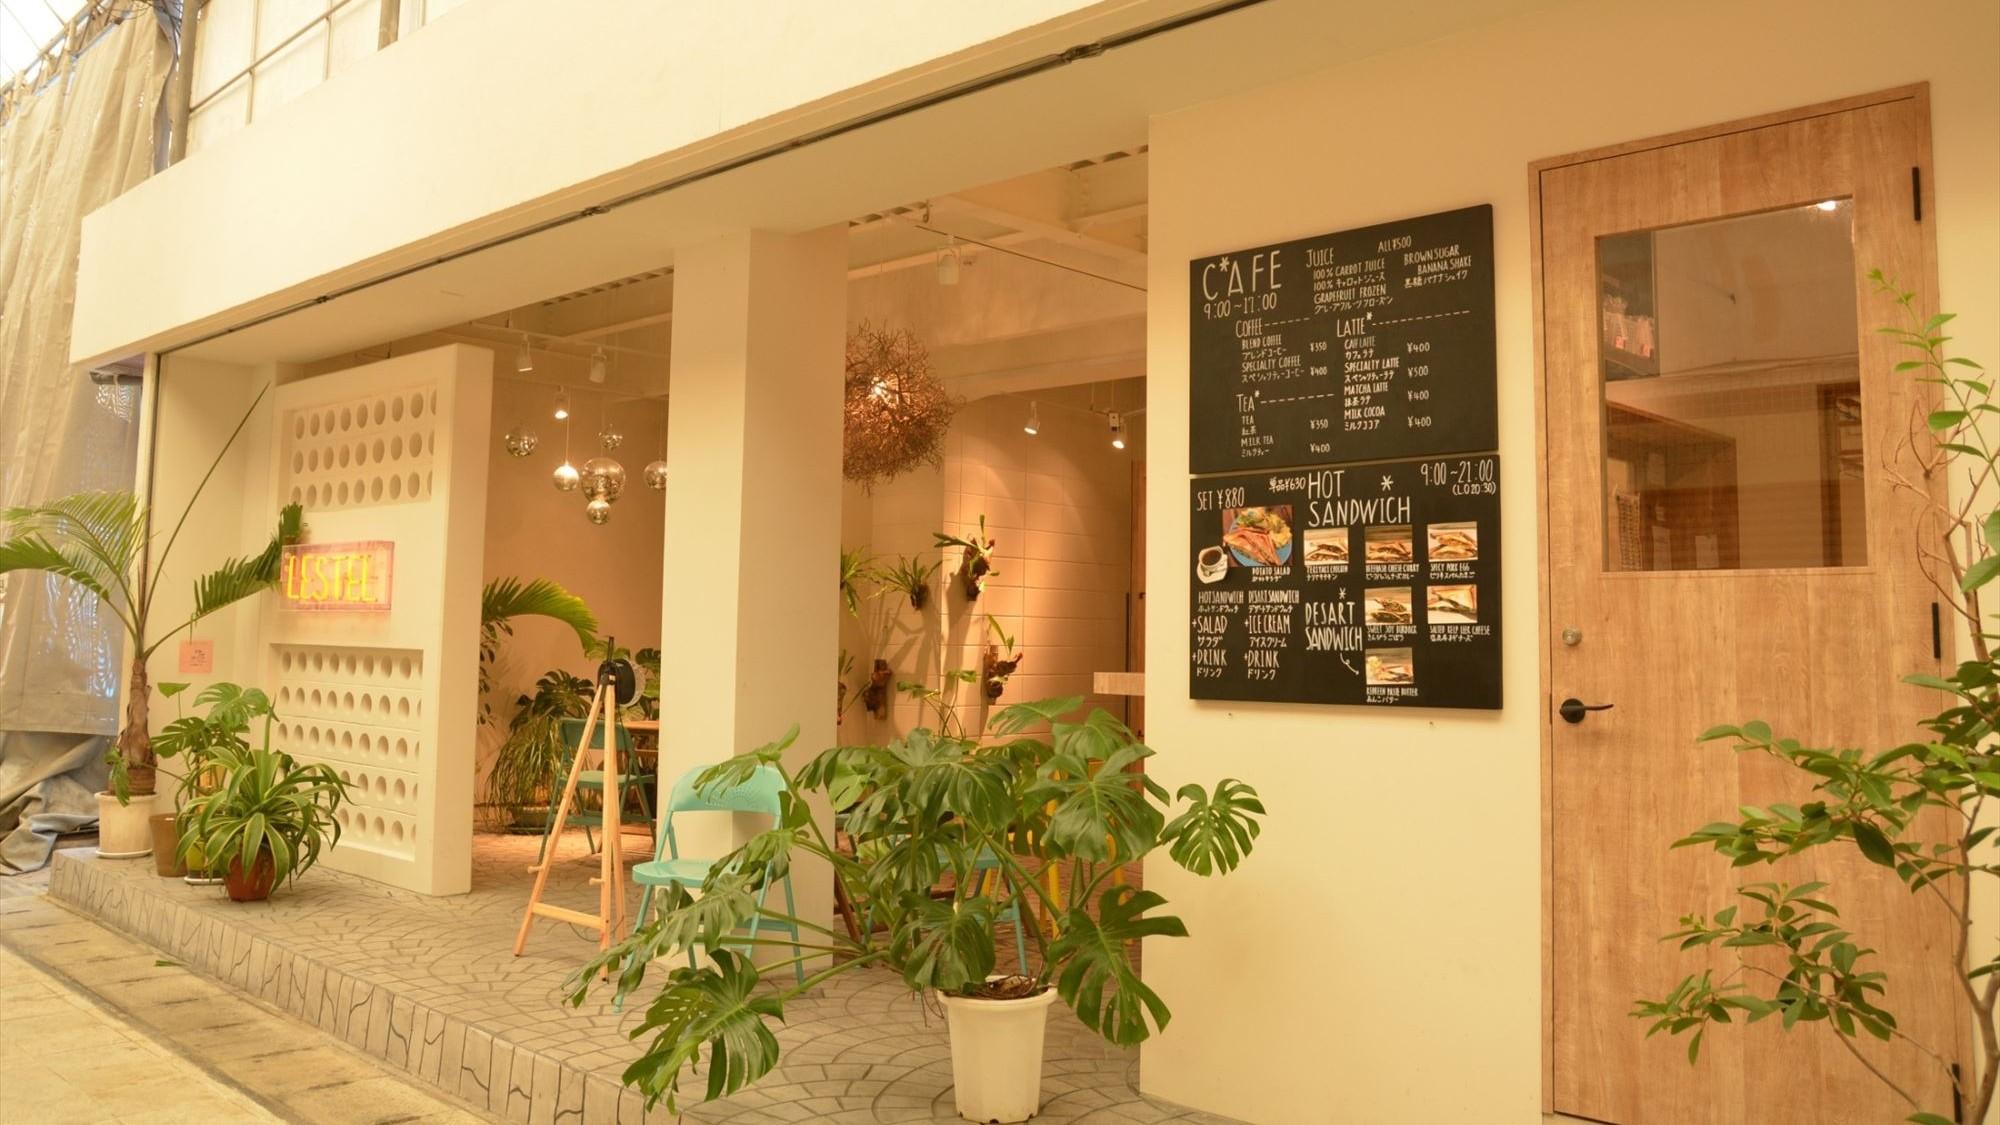 【ホテルエントランス・カフェ】ホテルのエントランスの風景です